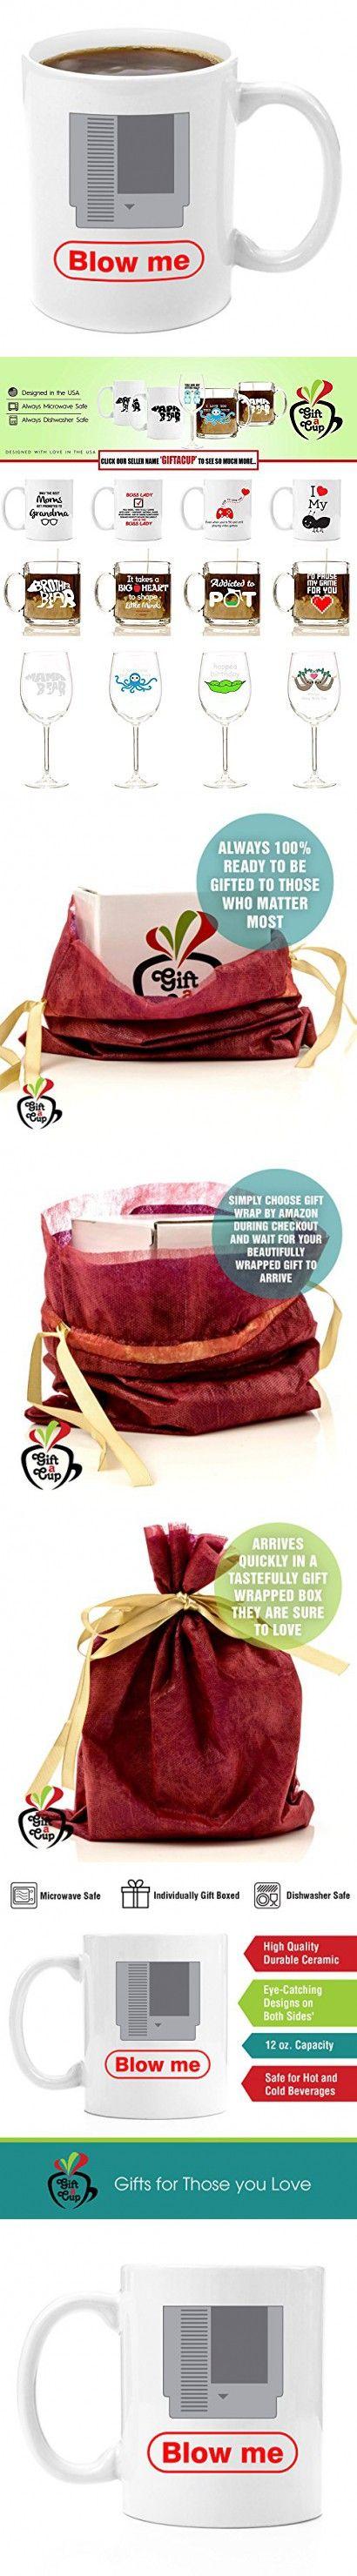 Blow Me | Gamer Gift 11oz Premium Coffee Mug Gift Set - PC Gamer Gifts for men, Birthday, Joke Gamer, for Kids, Bag, for Girls, Basket, for Boys, ps4, xBox, 360, Computer, Teens, Gag, Boyfriend